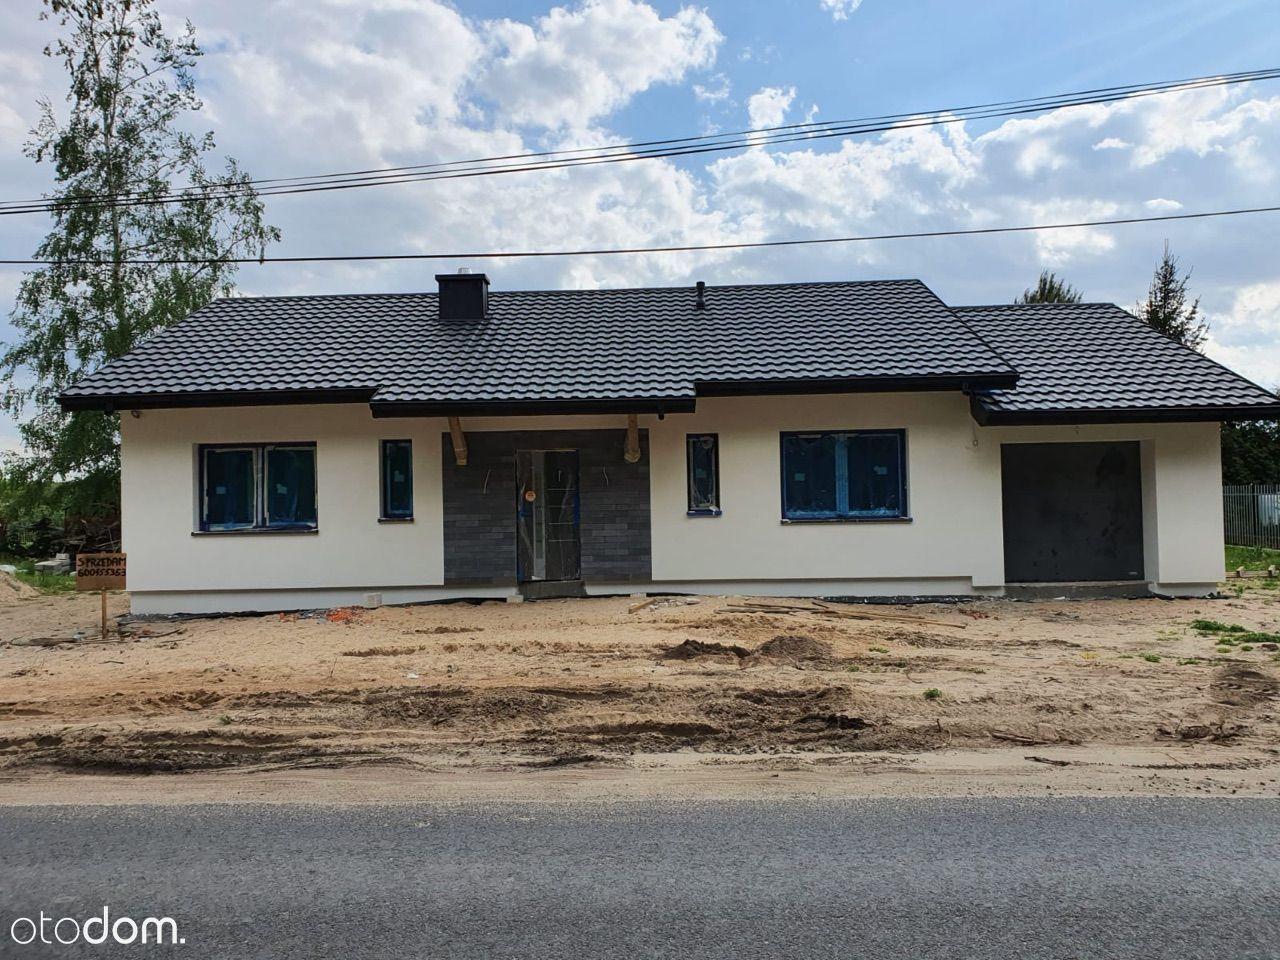 Dom w Osieku N. Wisłą w stanie deweloperskim